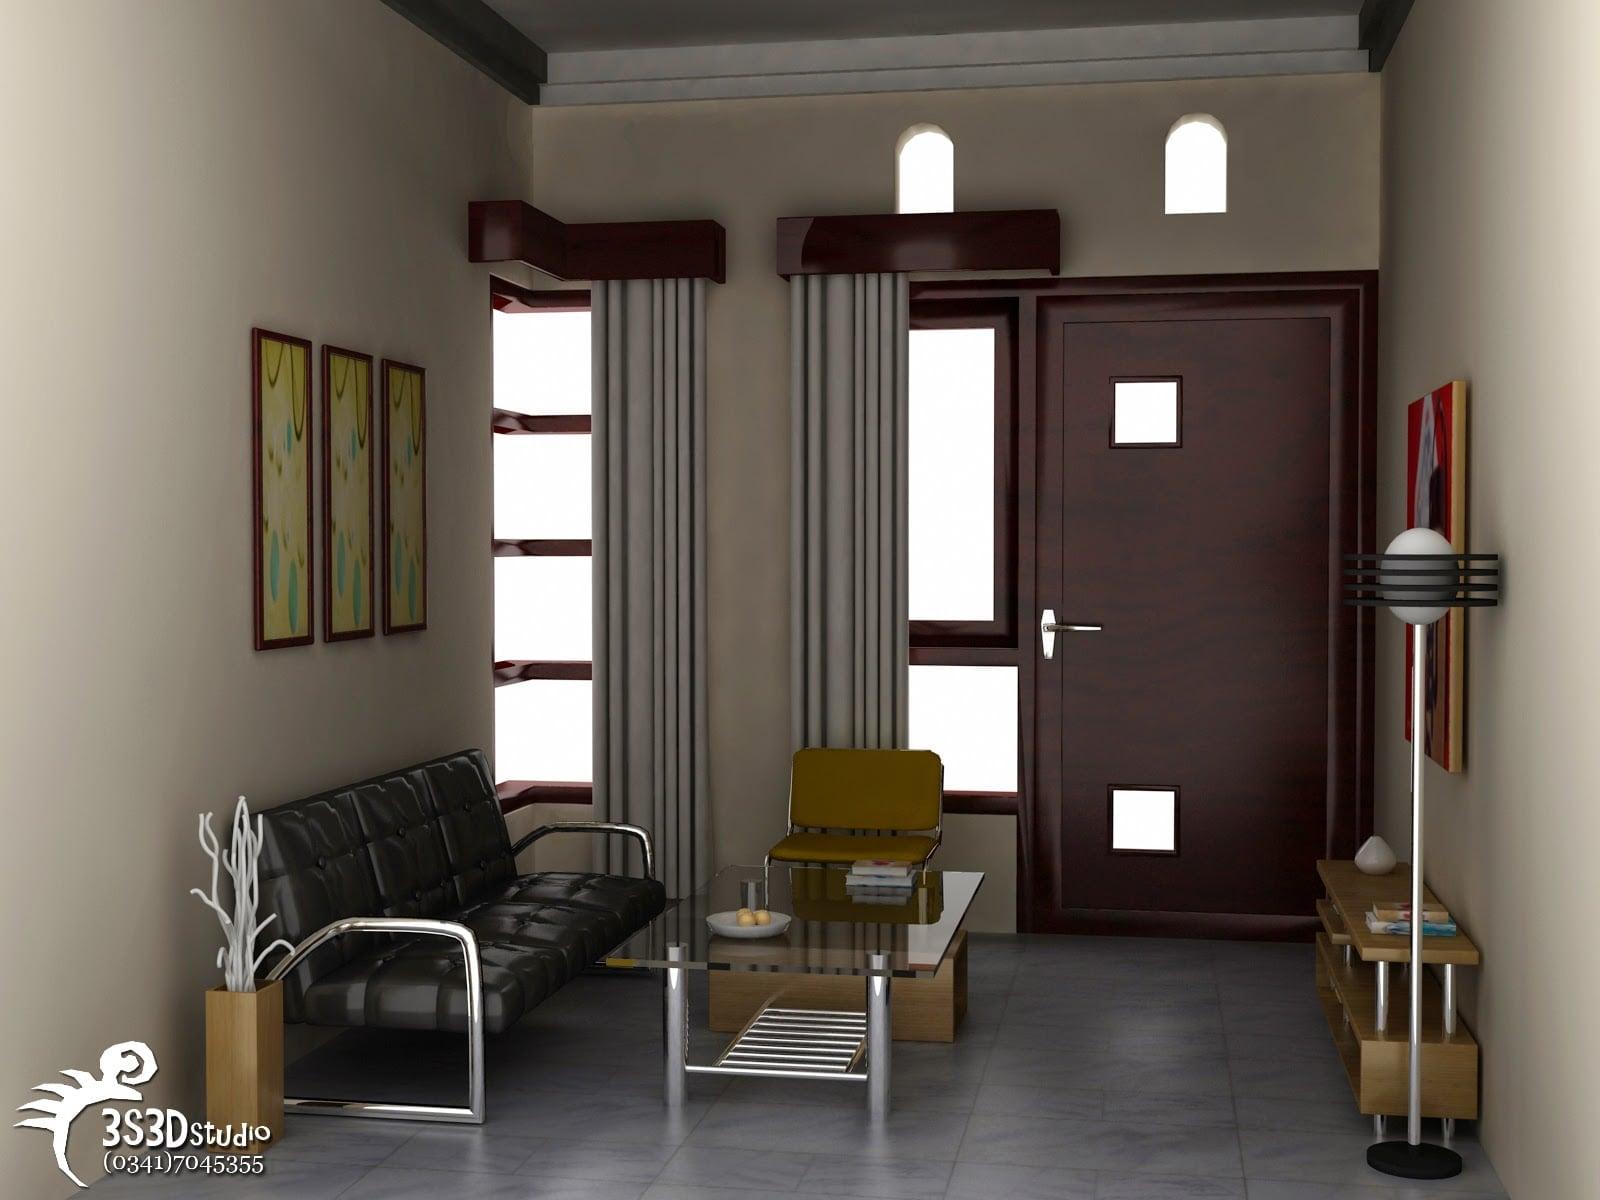 76 Populer Interior Rumah Minimalis Sederhana Home Interior Design Terbaru Dan Terlengkap Arcadia Design Architect